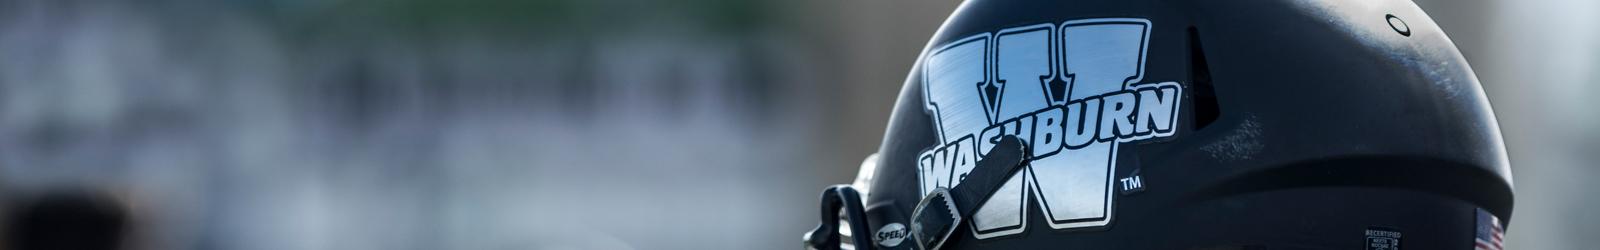 Ichabod Football Helmet